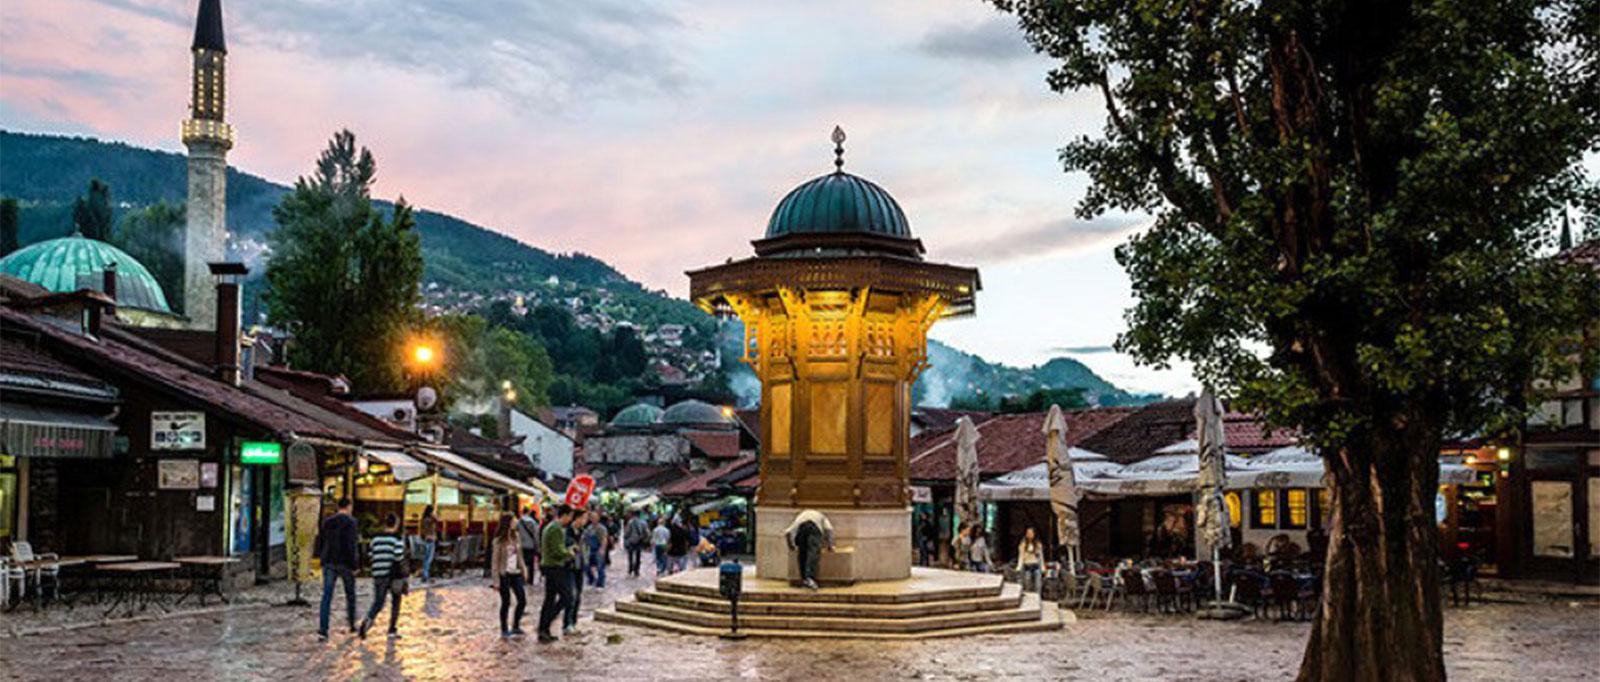 Sarajevo-31-10-2018